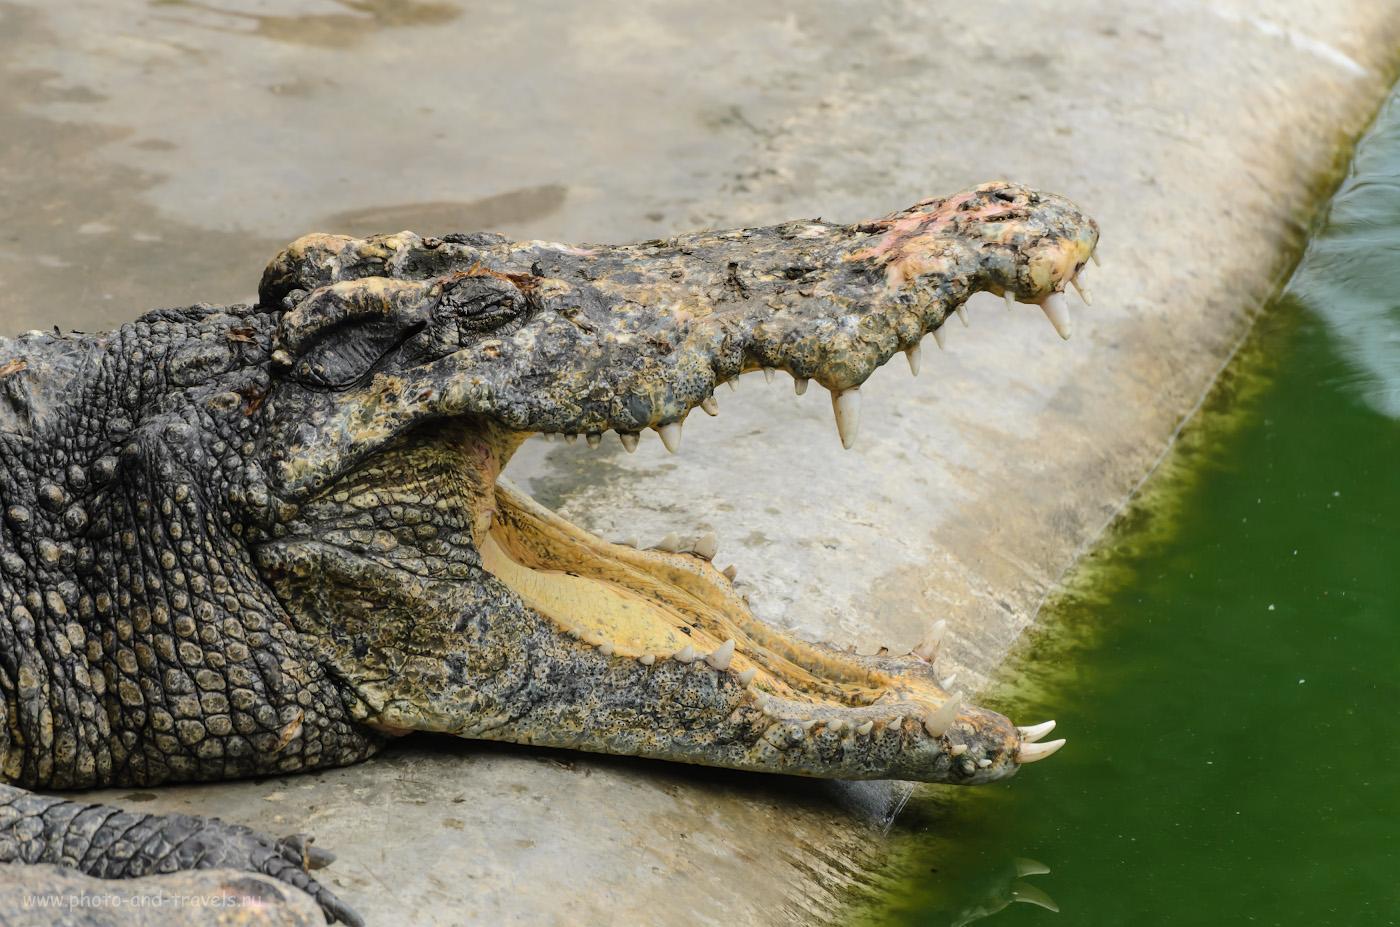 Фотография 12. Фотоохота на крокодилов. Отзыв об экскурсии на крокодиловую ферму в Парке миллионолетних камней. Отдых в Паттайе самостоятельно. Вторая поездка в Таиланд. 1/500, 5.6, 320, 195.